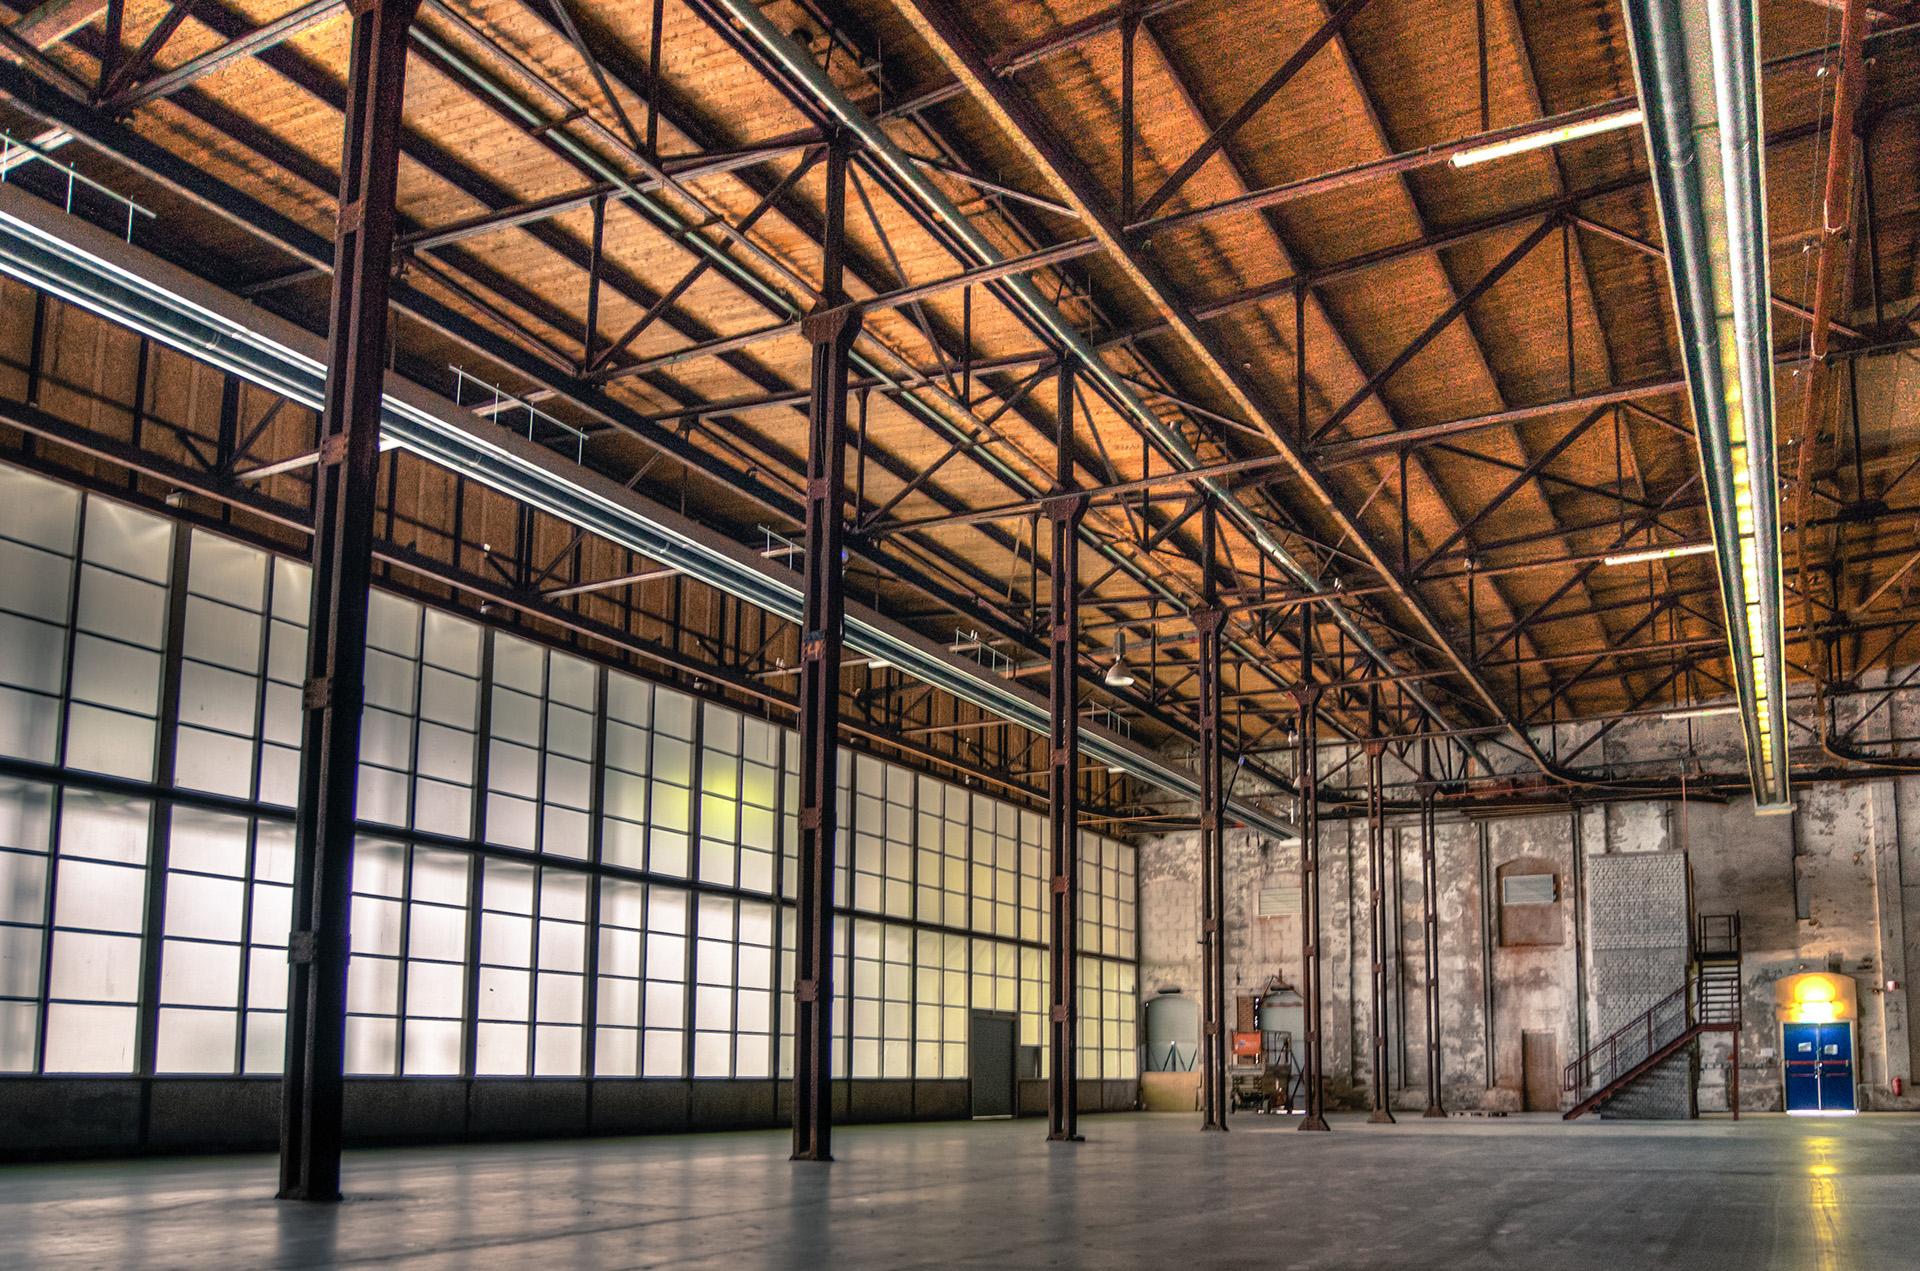 Оценка склада, зданий производственного назначения нужна для анализа наиболее эффективного использования помещений, а также других целей